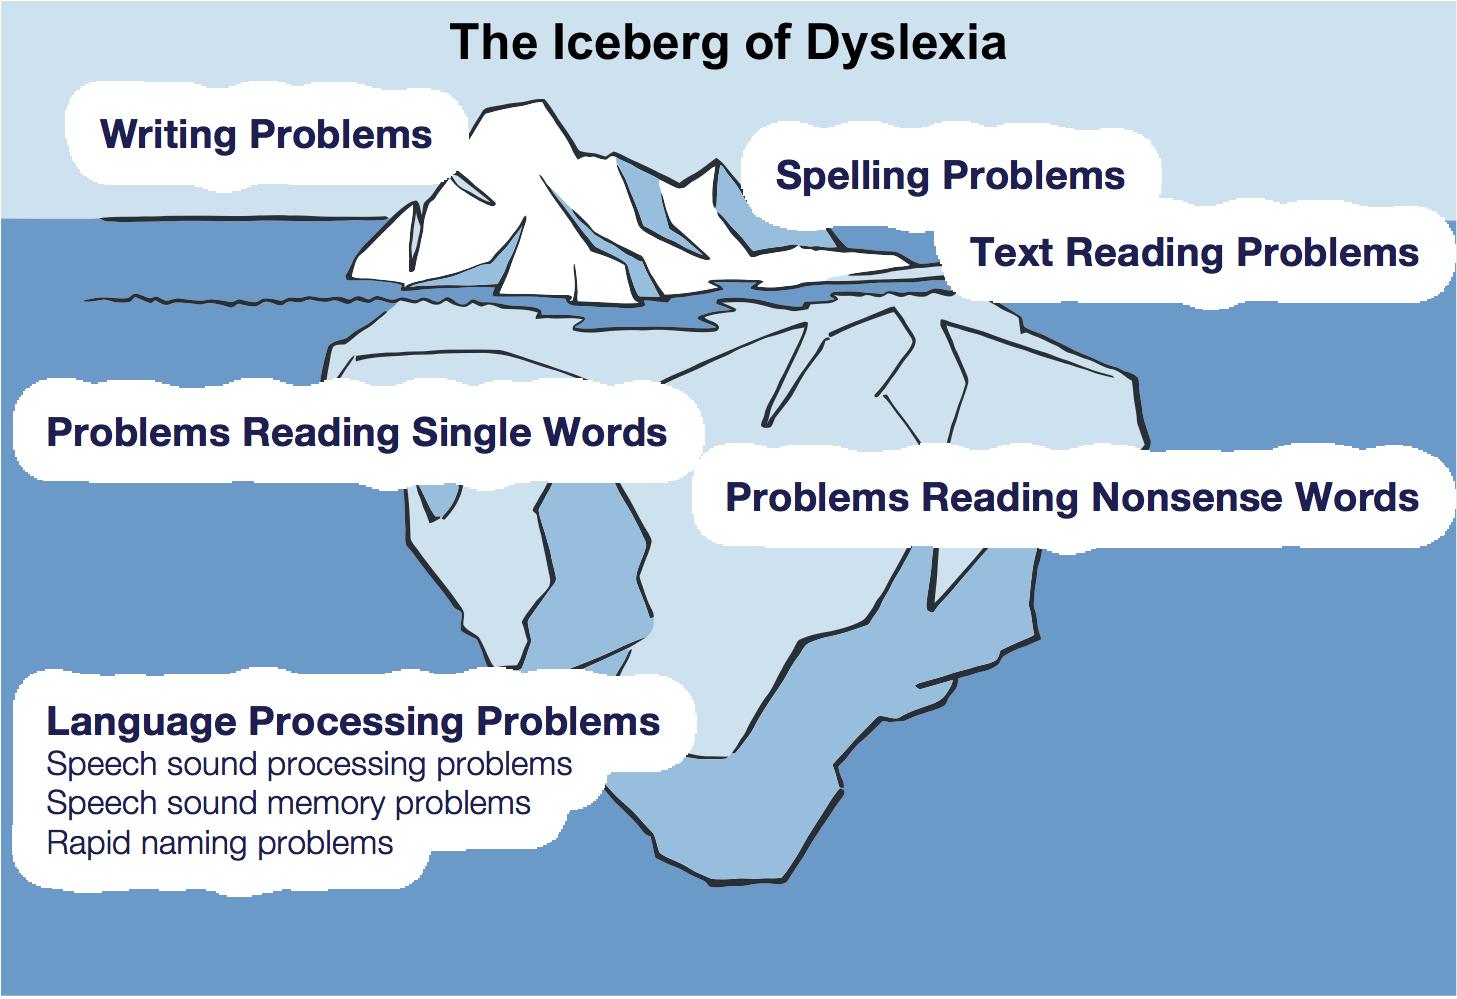 Dyslexia iceberg